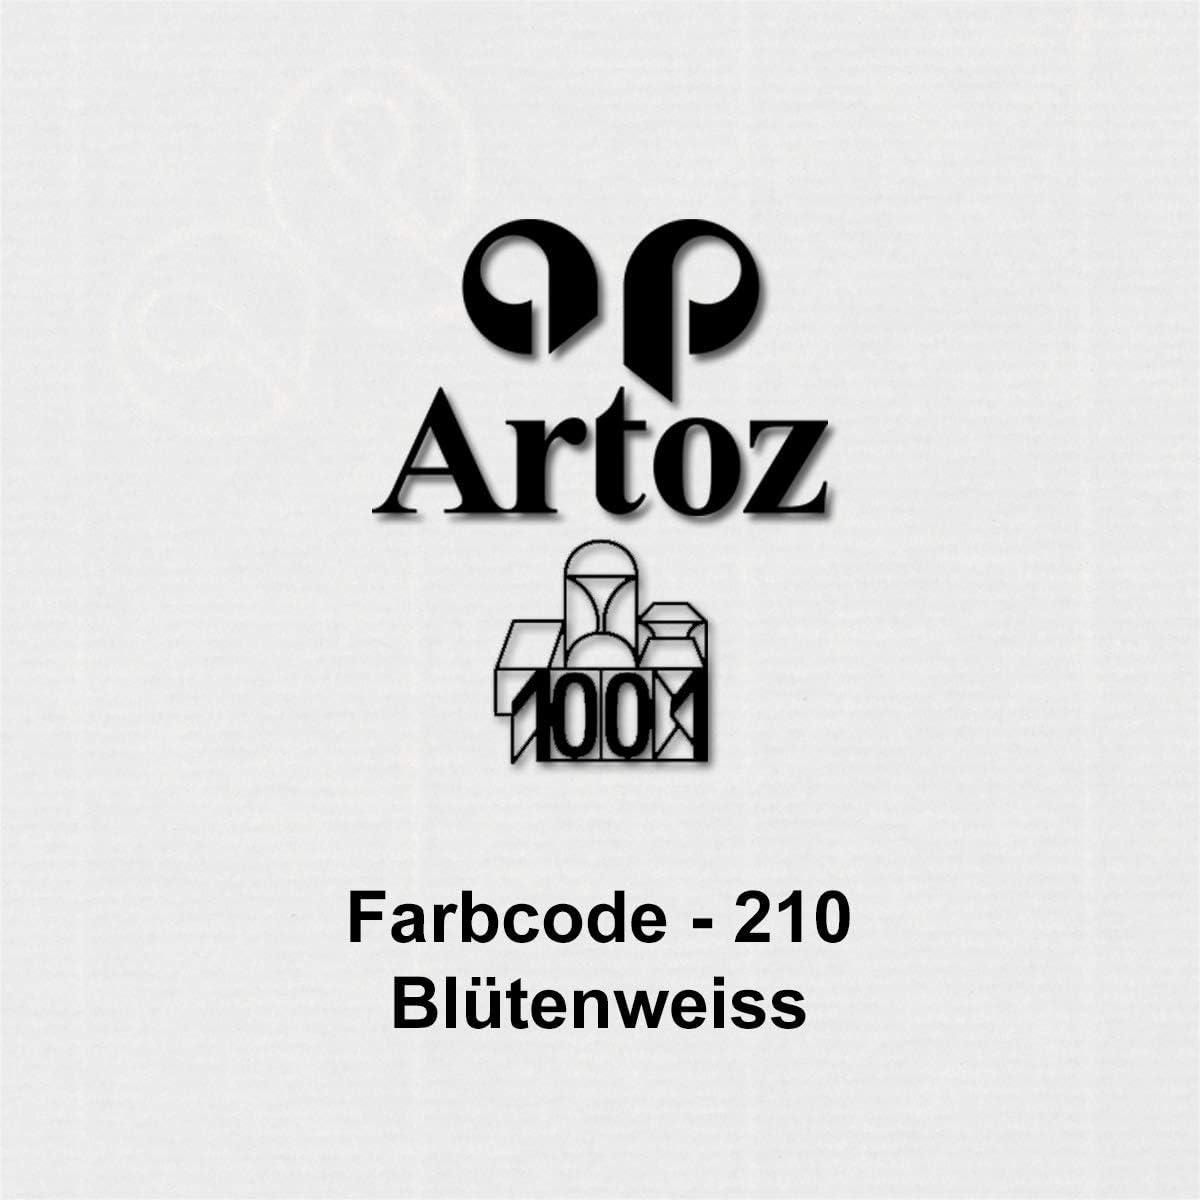 Spitze Verschlusslasche ARTOZ 25x Briefumschl/äge gerippt Umschl/äge mit Nassklebung Bl/ütenwei/ß DIN B6 178 x 125 mm Kuvert ohne Fenster